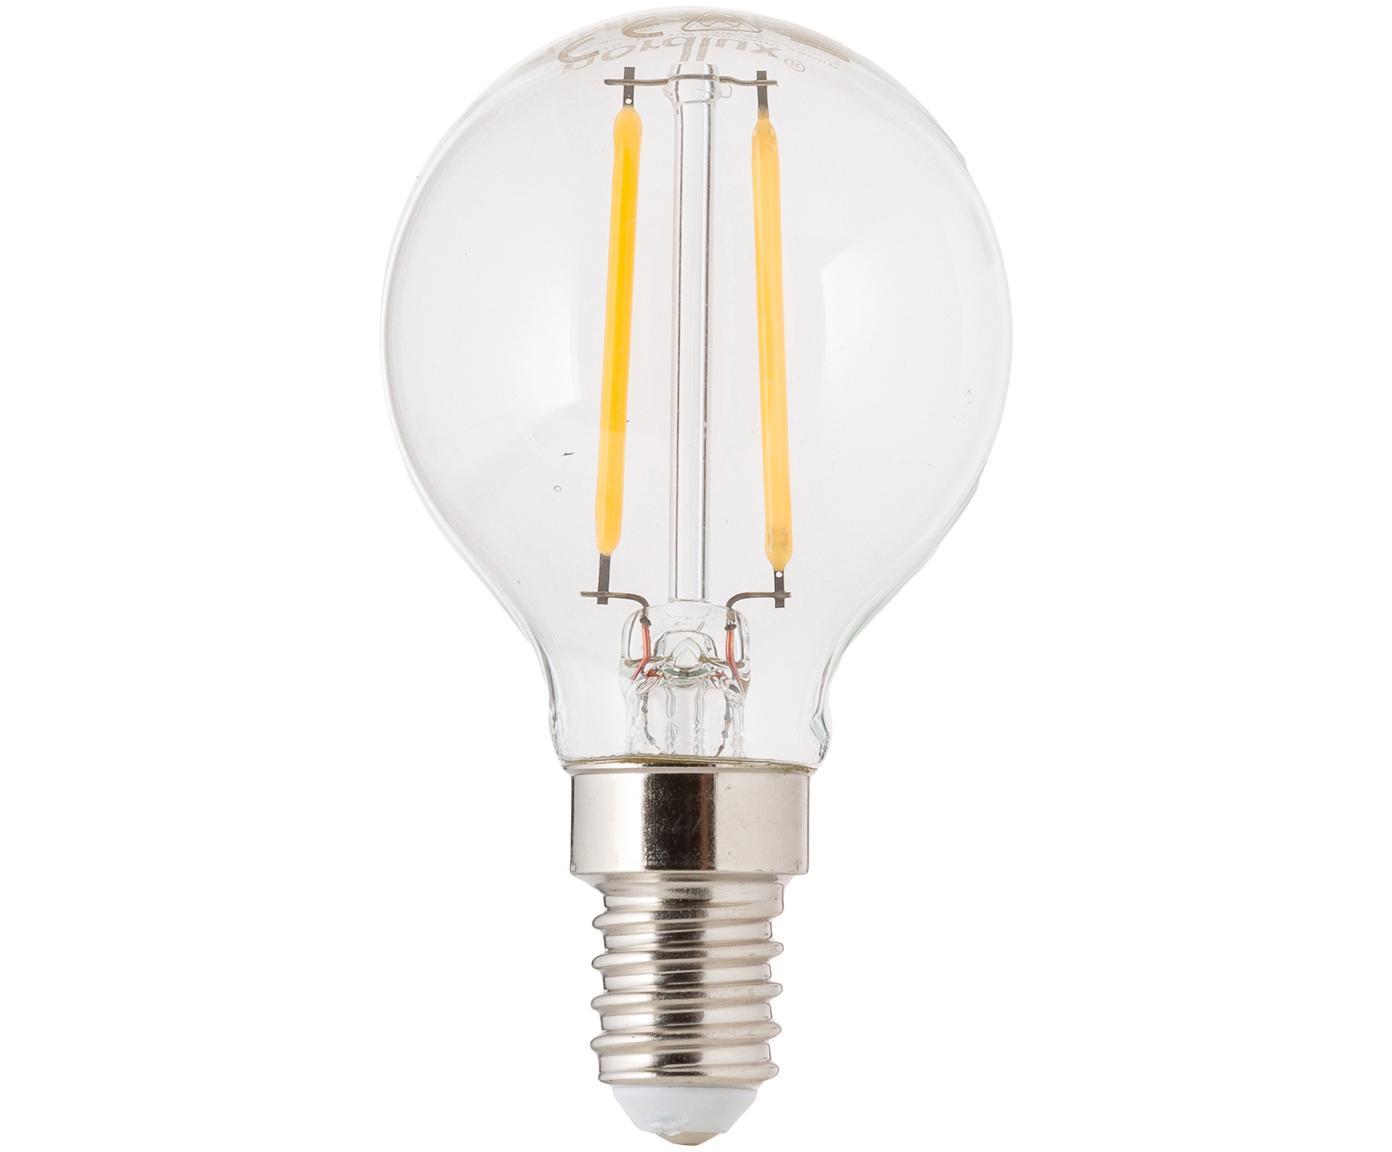 LED lamp Yekon (E14 / 2,5W), Peertje: glas, Fitting: aluminium, Transparant, Ø 5 x H 8 cm